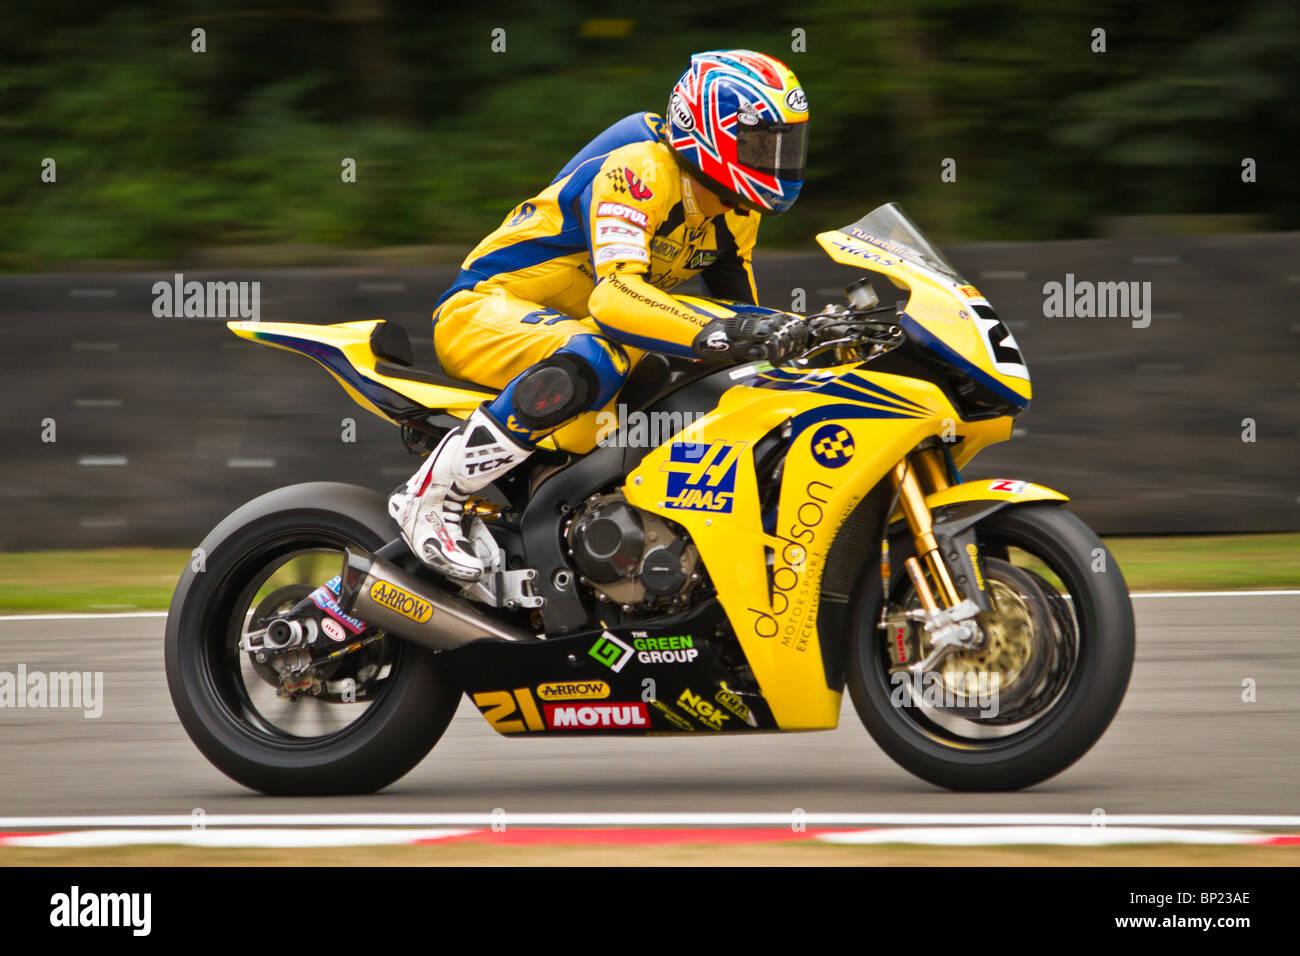 Tom Tunstall sul suo GBR Honda accelera al di fuori della curva a Brands Hatch durante il weekend Superbike il 7 Immagini Stock